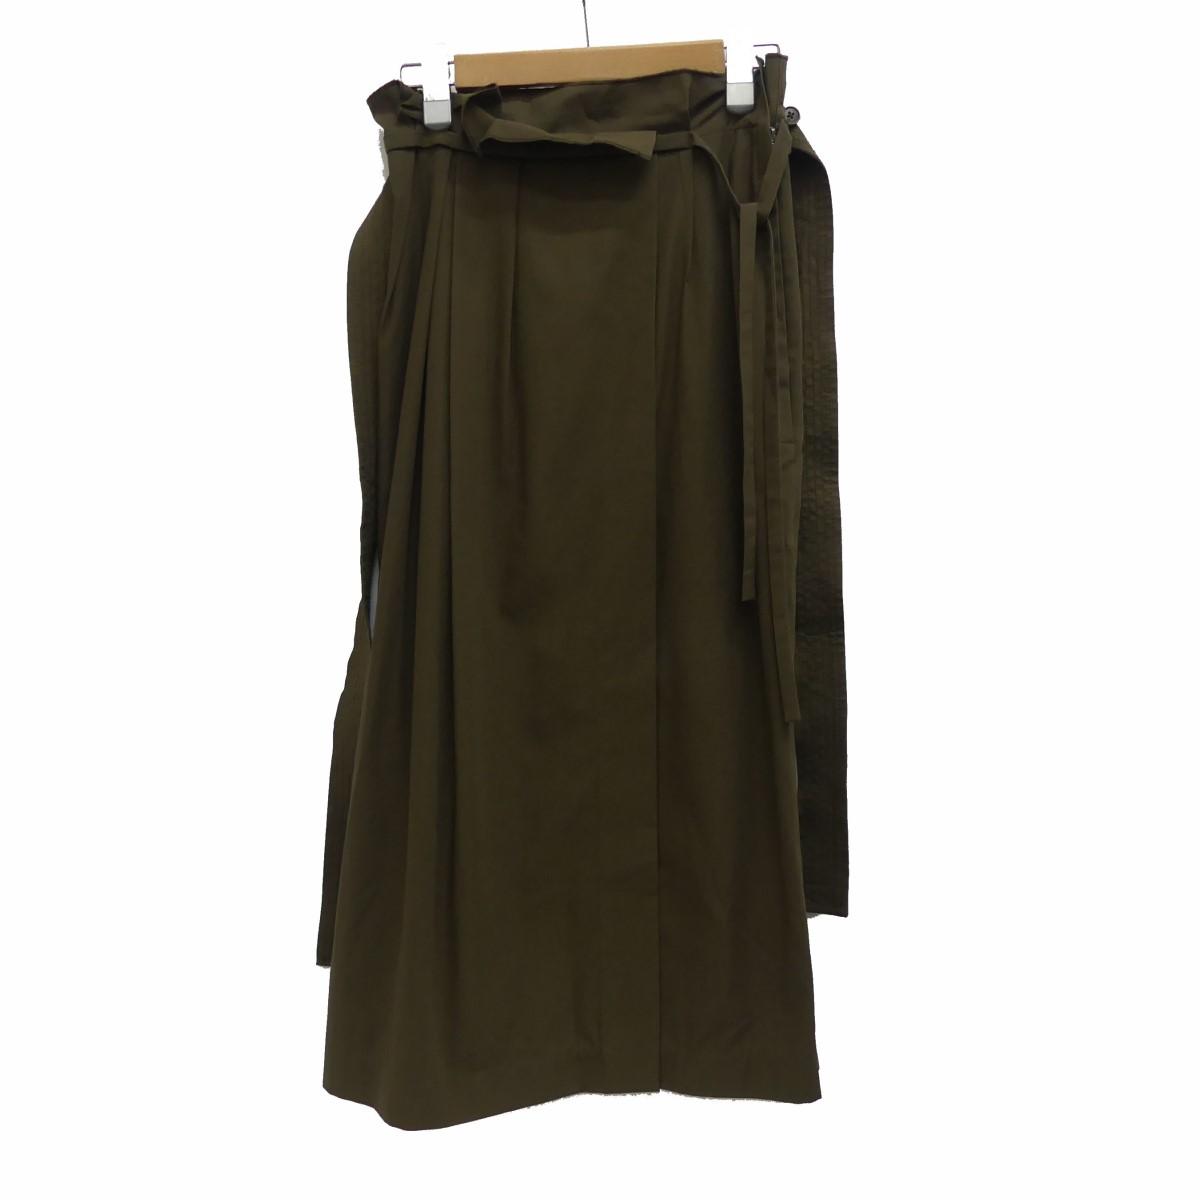 【中古】3.1 phillip lim ロングスカート カーキ サイズ:0 【280320】(スリーワンフィリップリム)